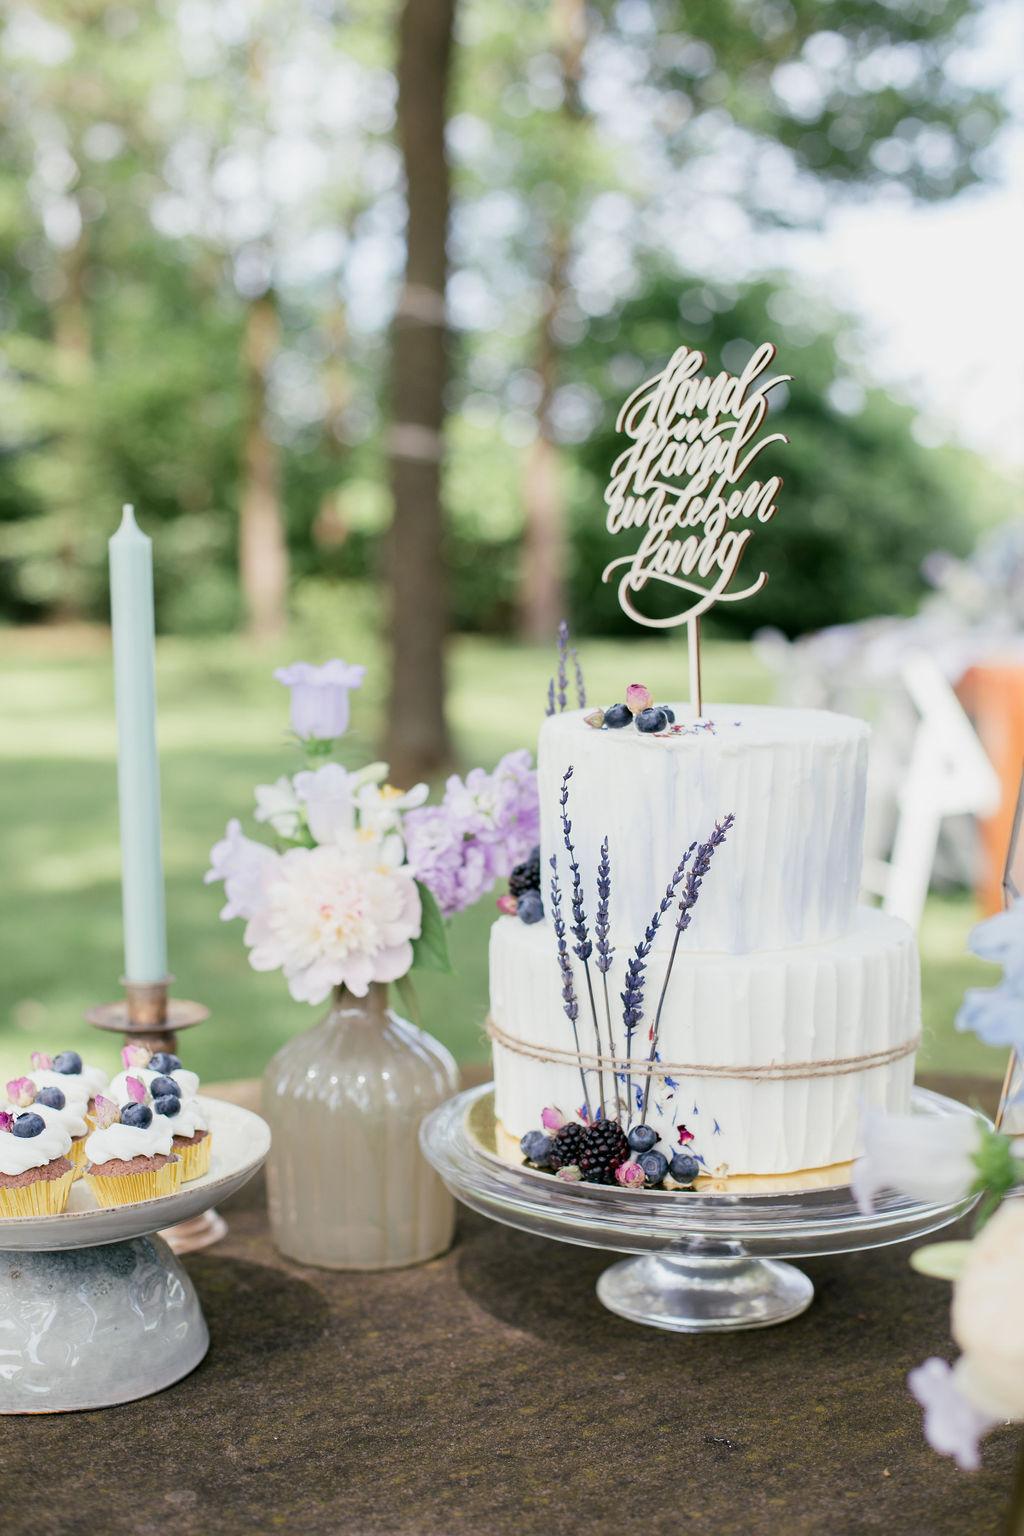 Hand in Hand ein Leben lang Cake Topper